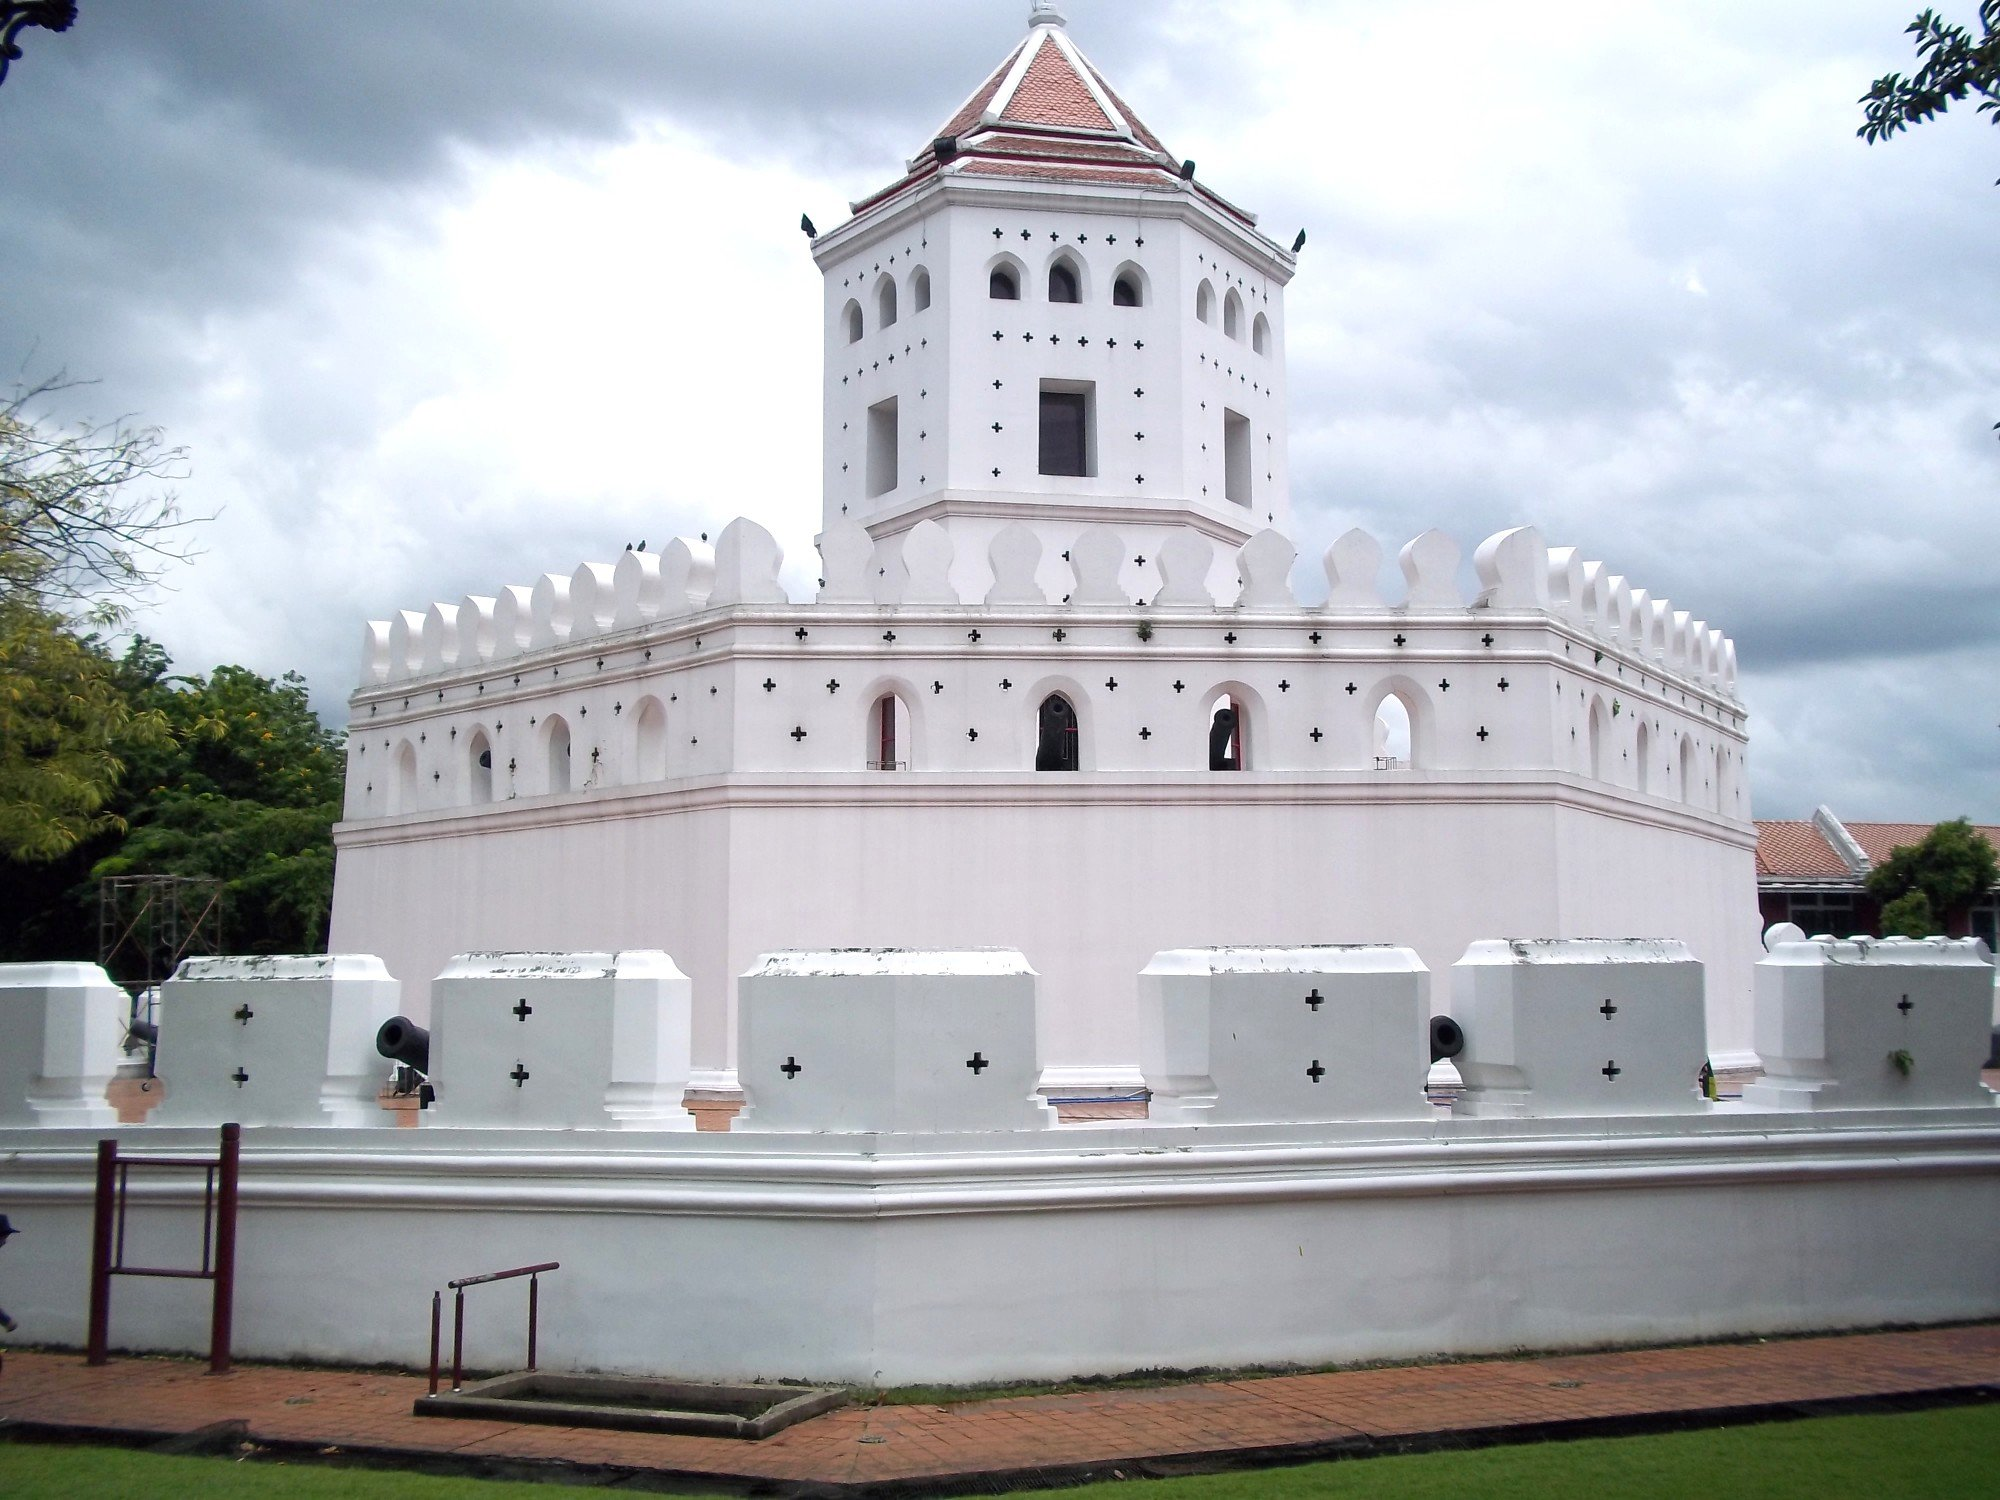 Phra Sumen Fort in Bangkok